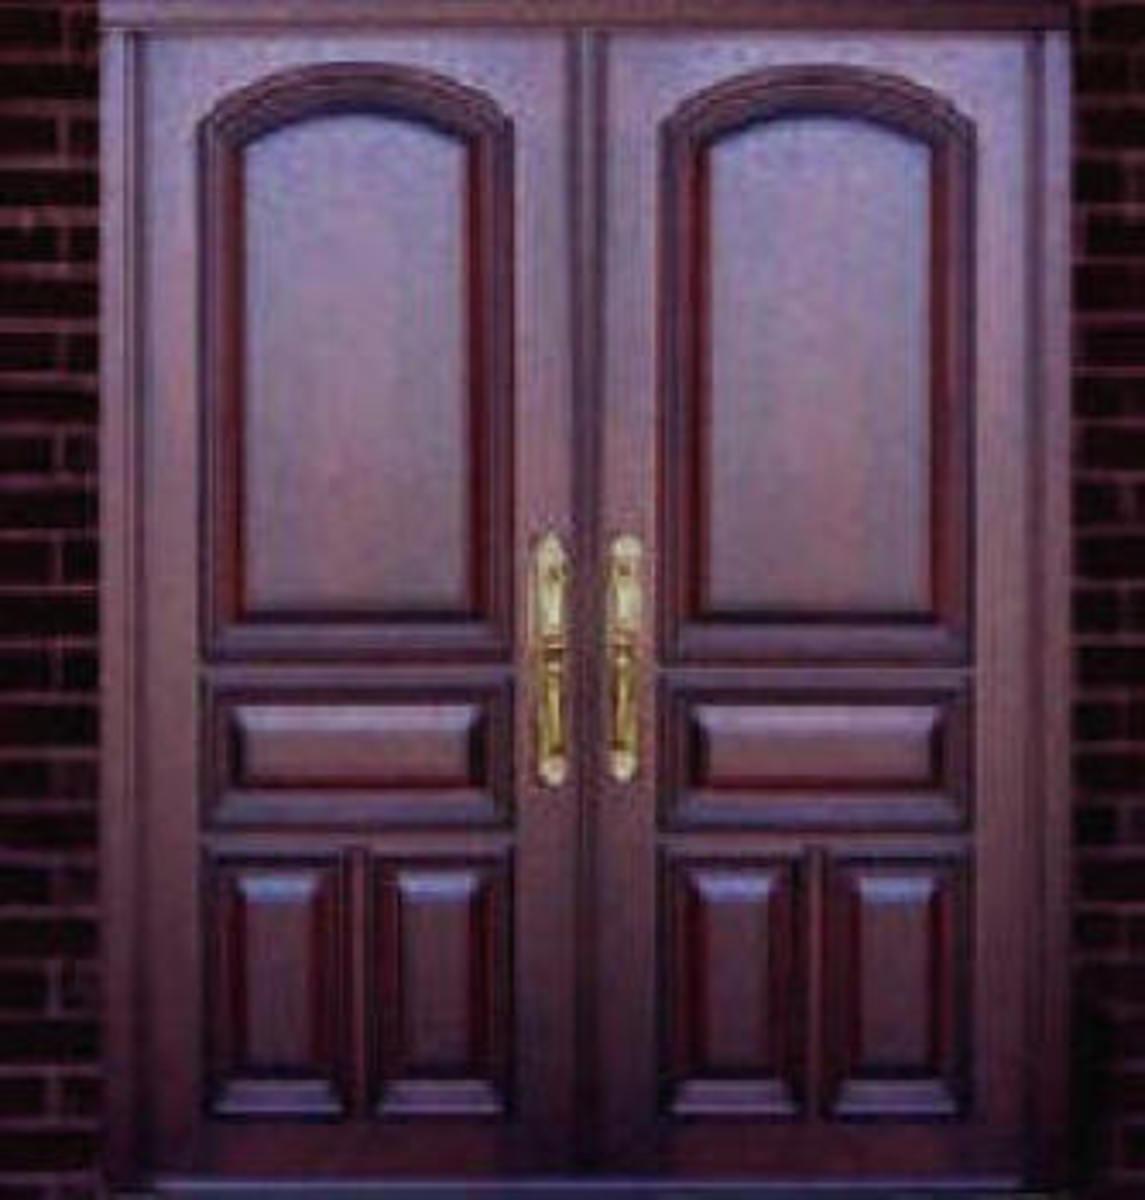 emeralddoors.com